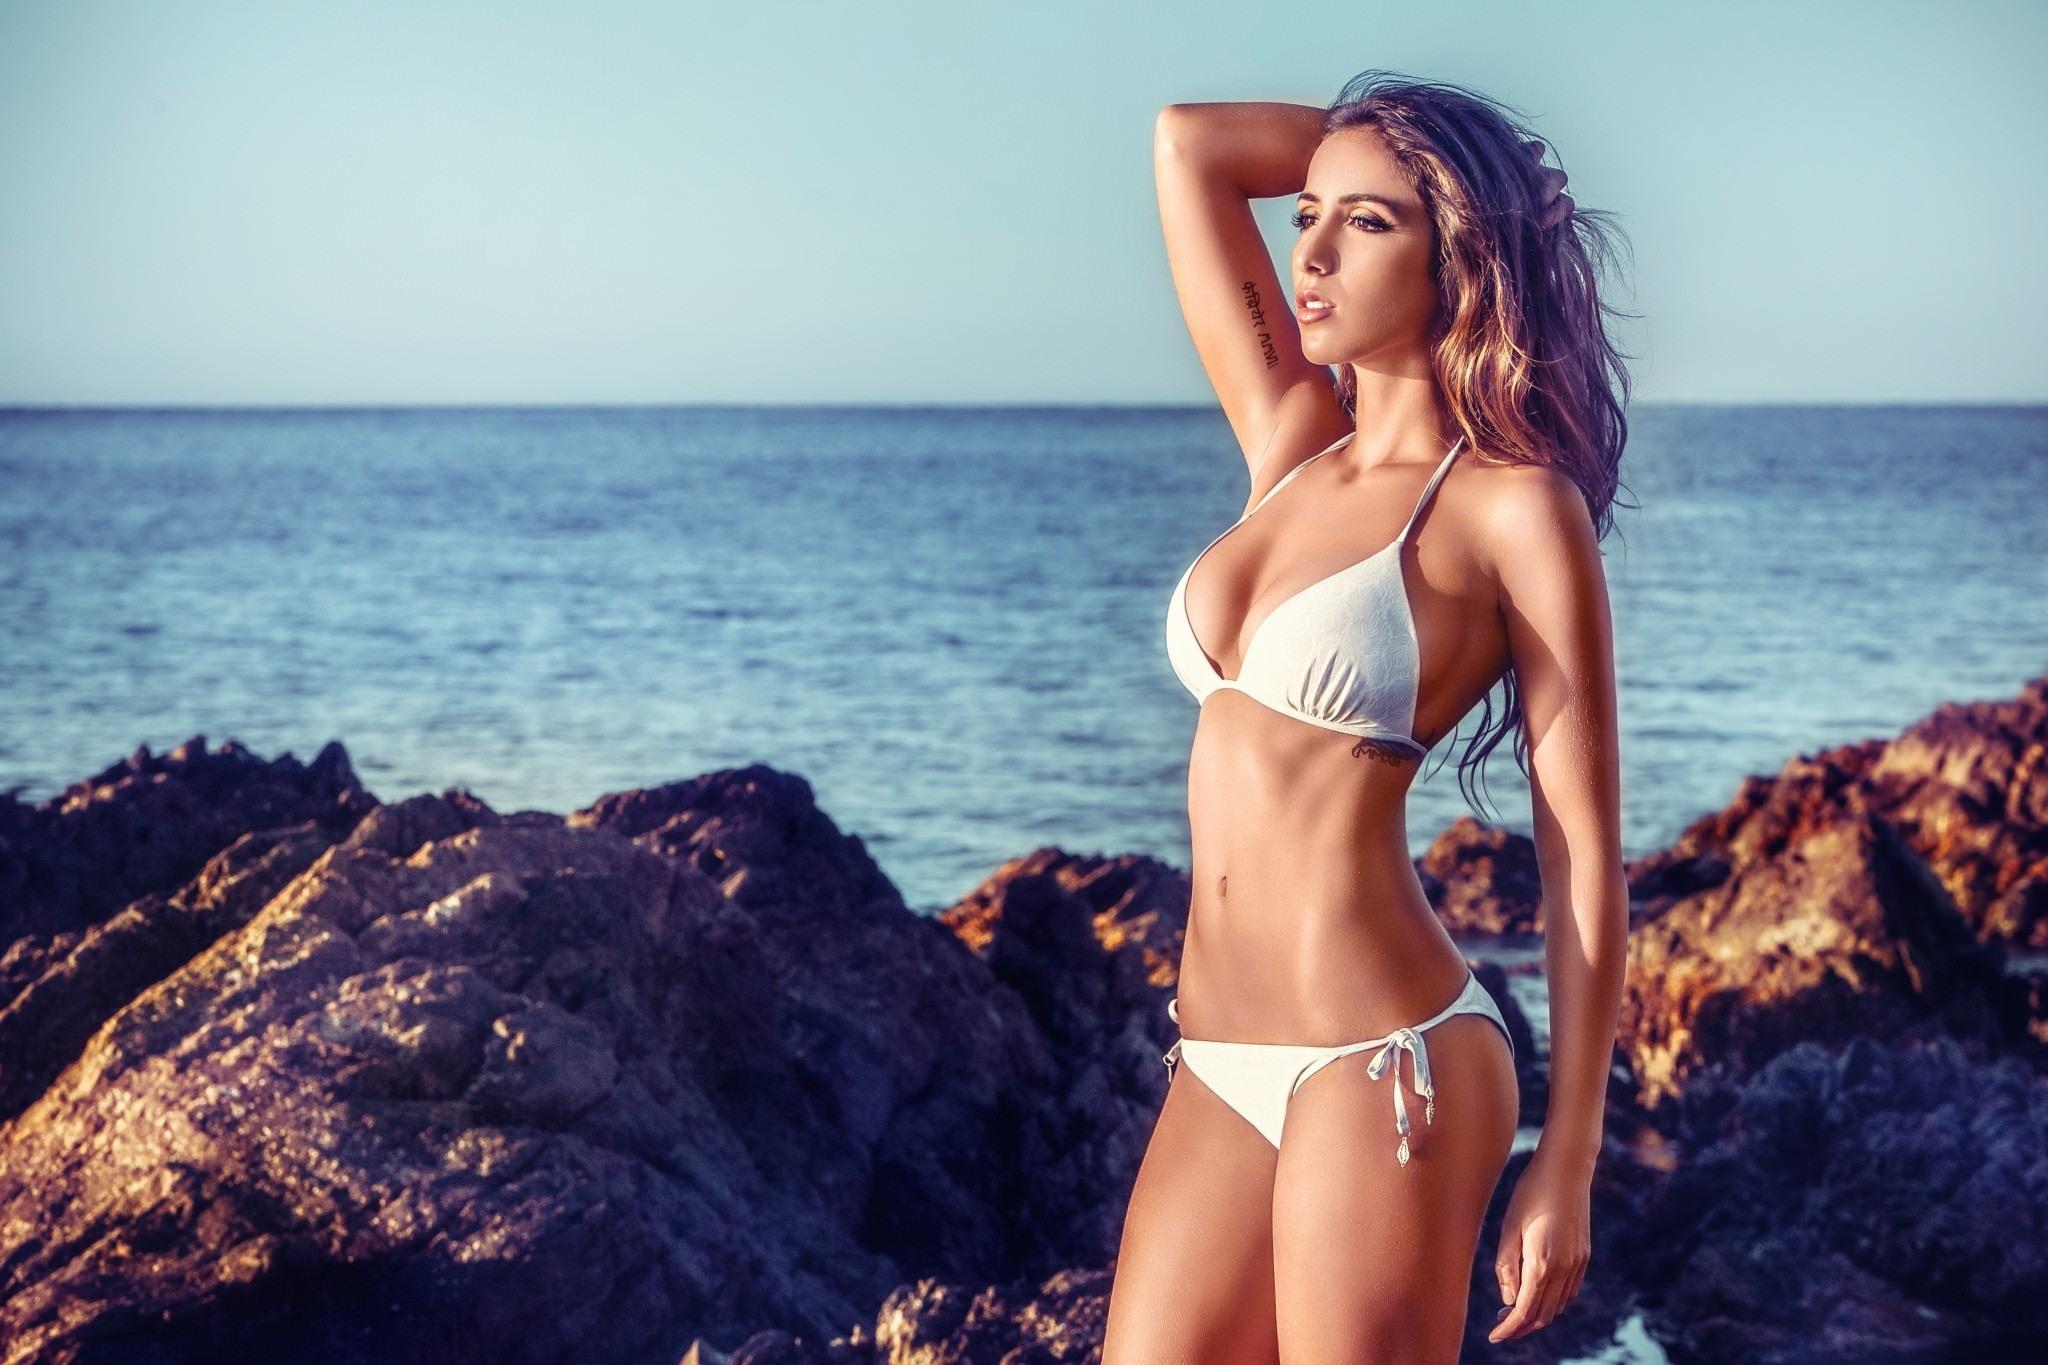 Фото Девушка в белом бикини, море, камни, горизонт, закат, скачать картинку бесплатно